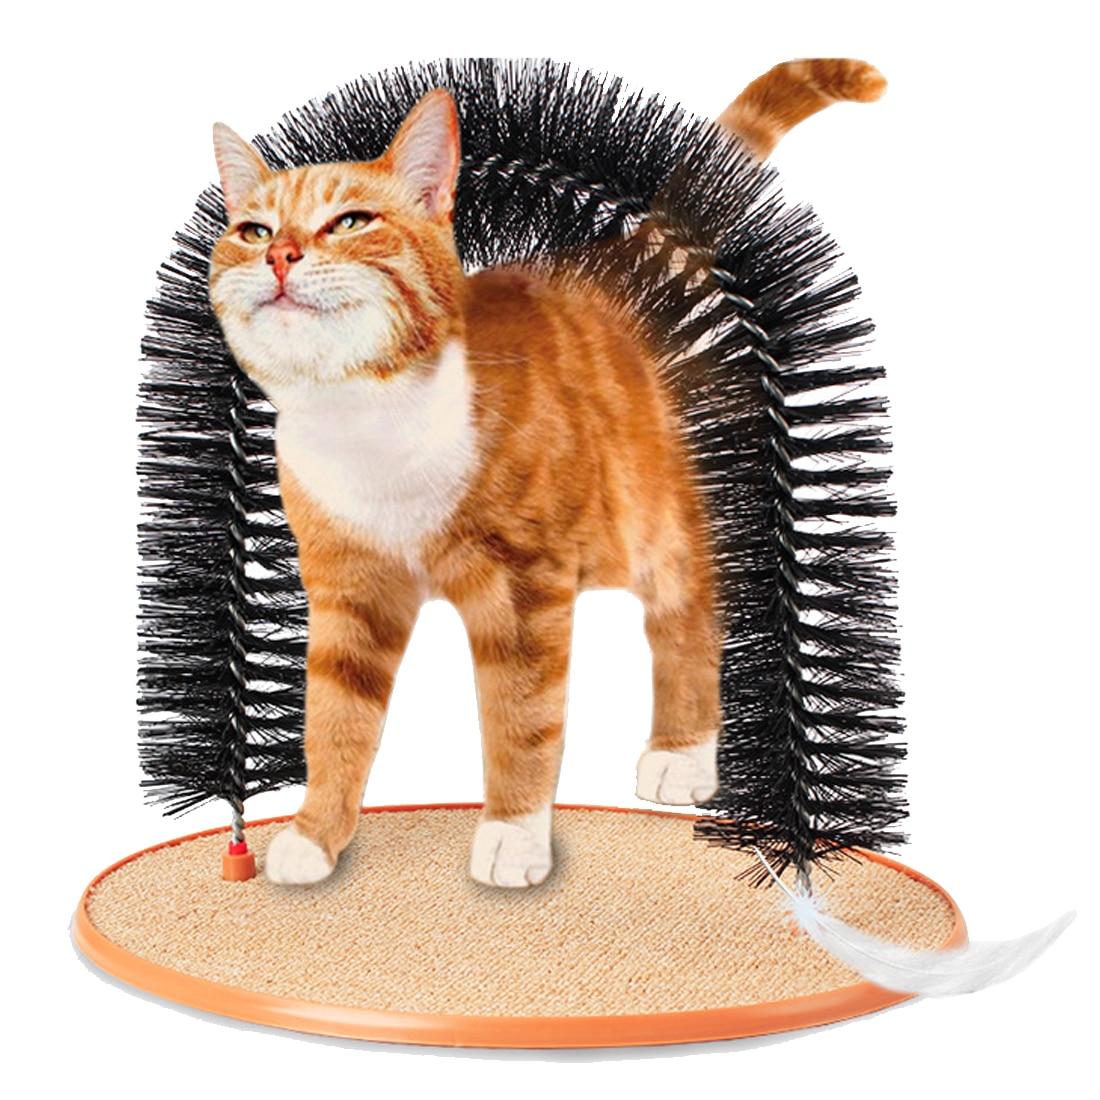 Pet Products Buona Arco Pet Cat Auto Groomer Con Tondo In Pile Base del Gatto Giocattolo Pennello Giocattoli Per Gli Animali Domestici di Graffiare I Dispositivi